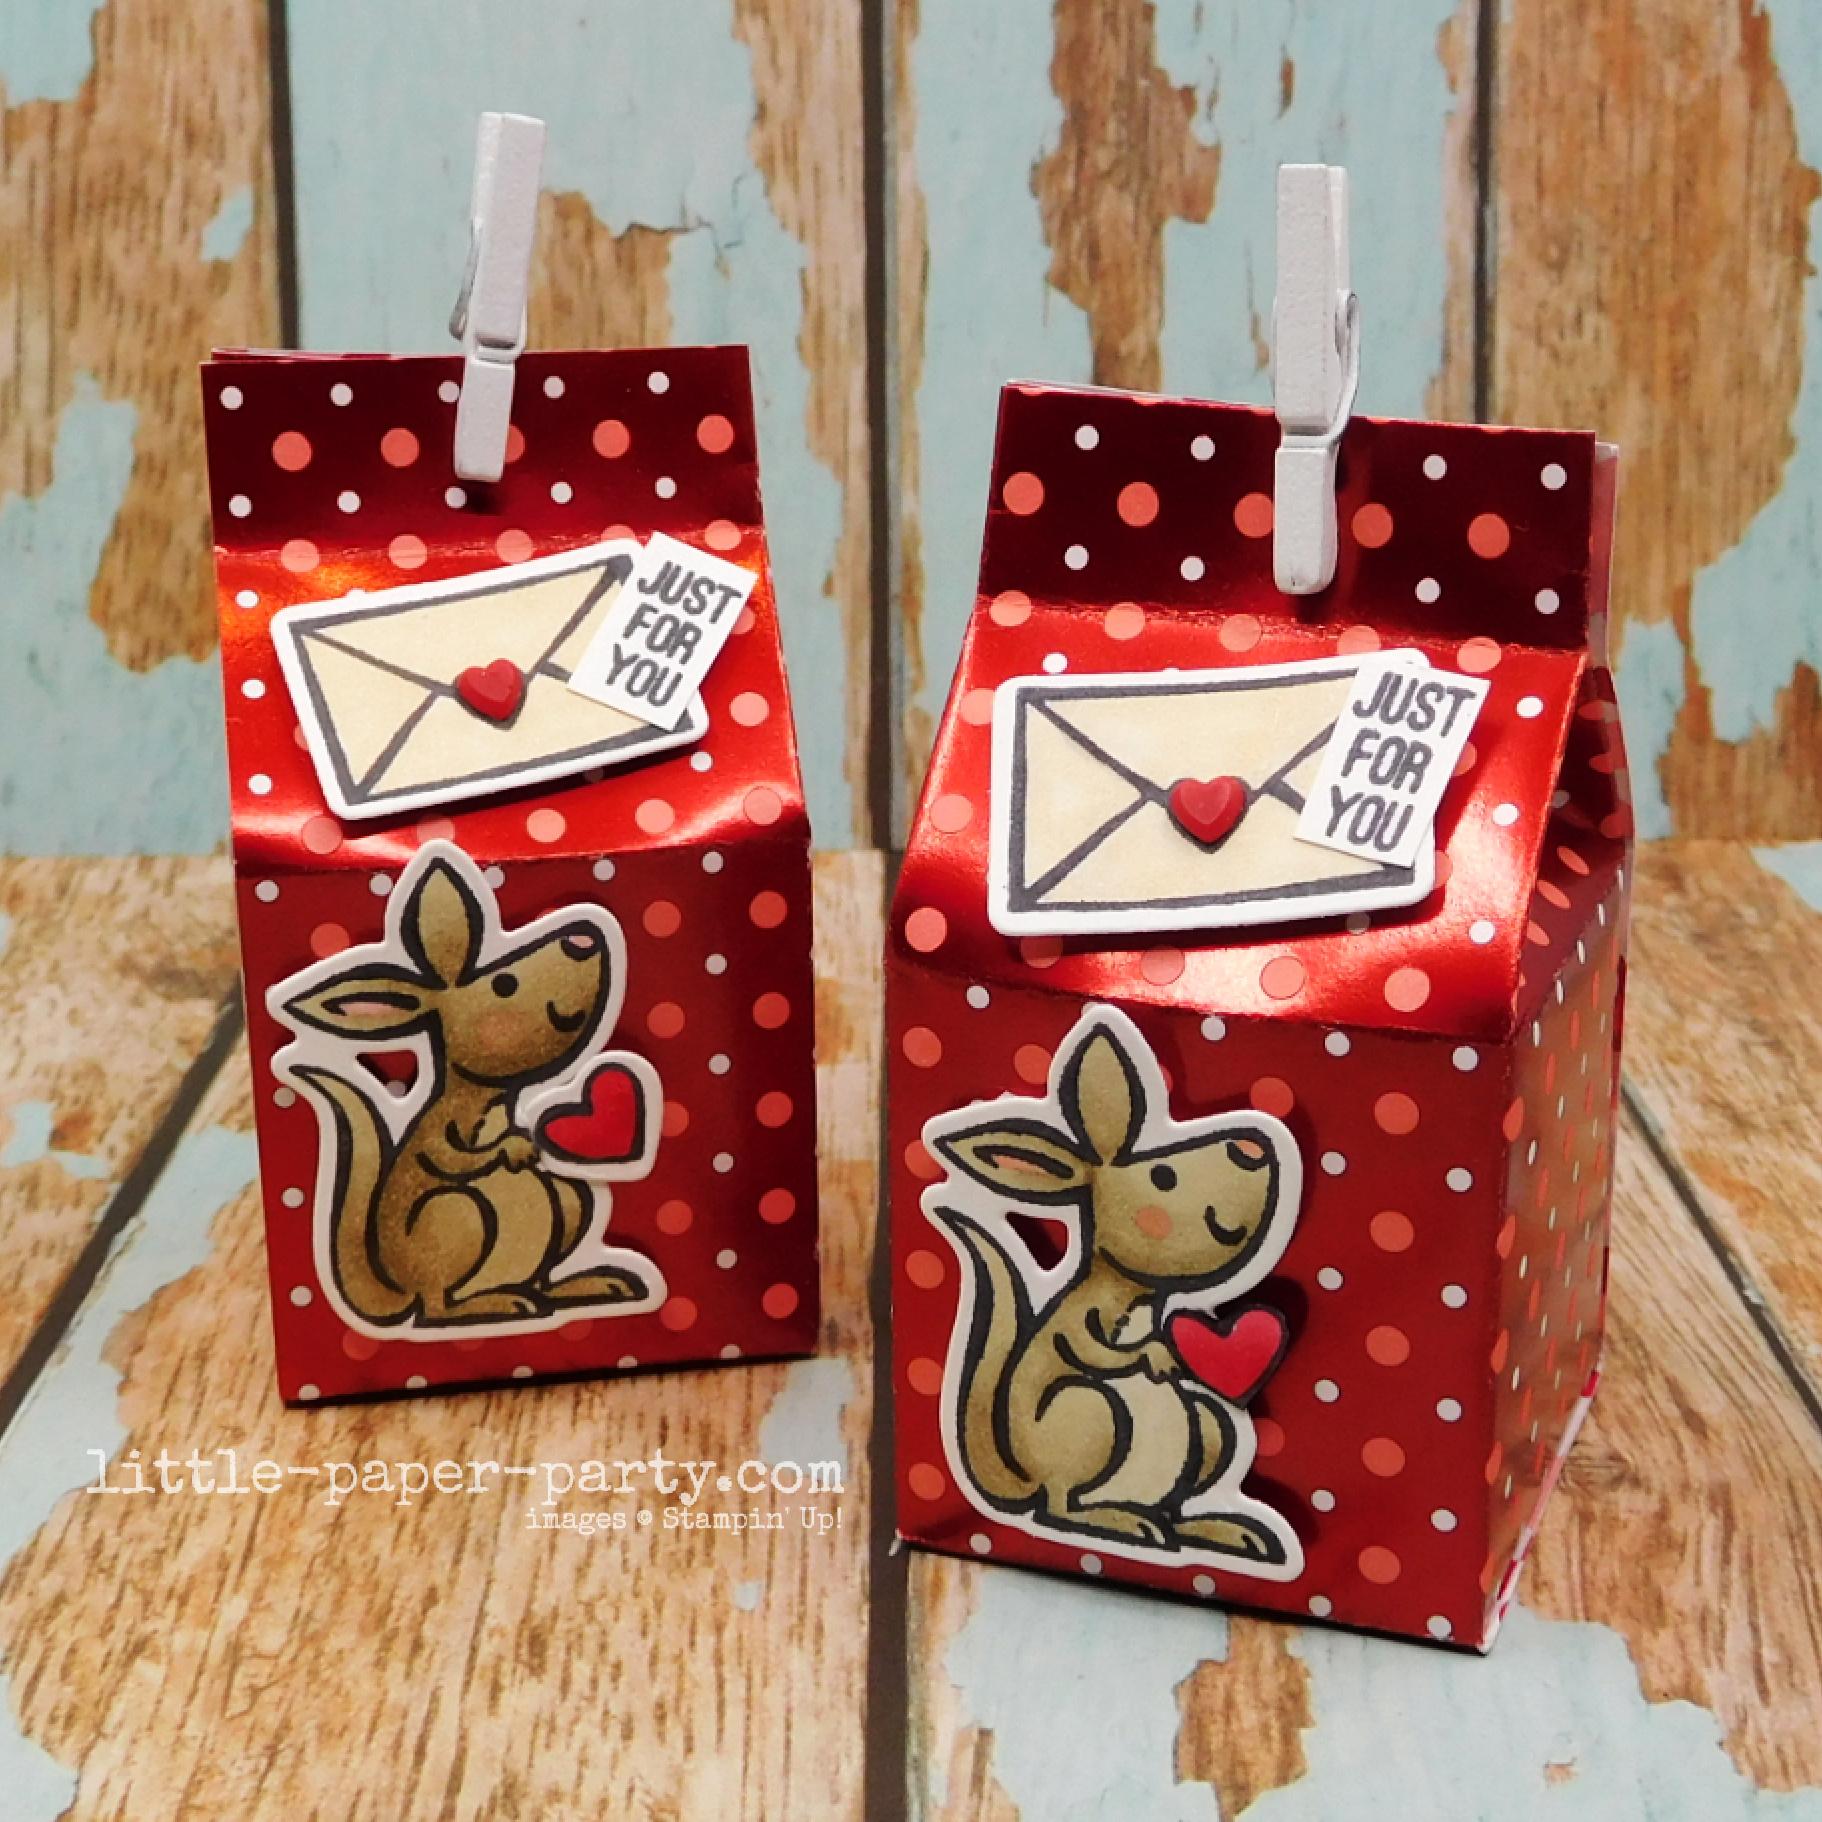 Little Paper Party, Valentine's Day 2021 #1 - Mini Milk Carton 1